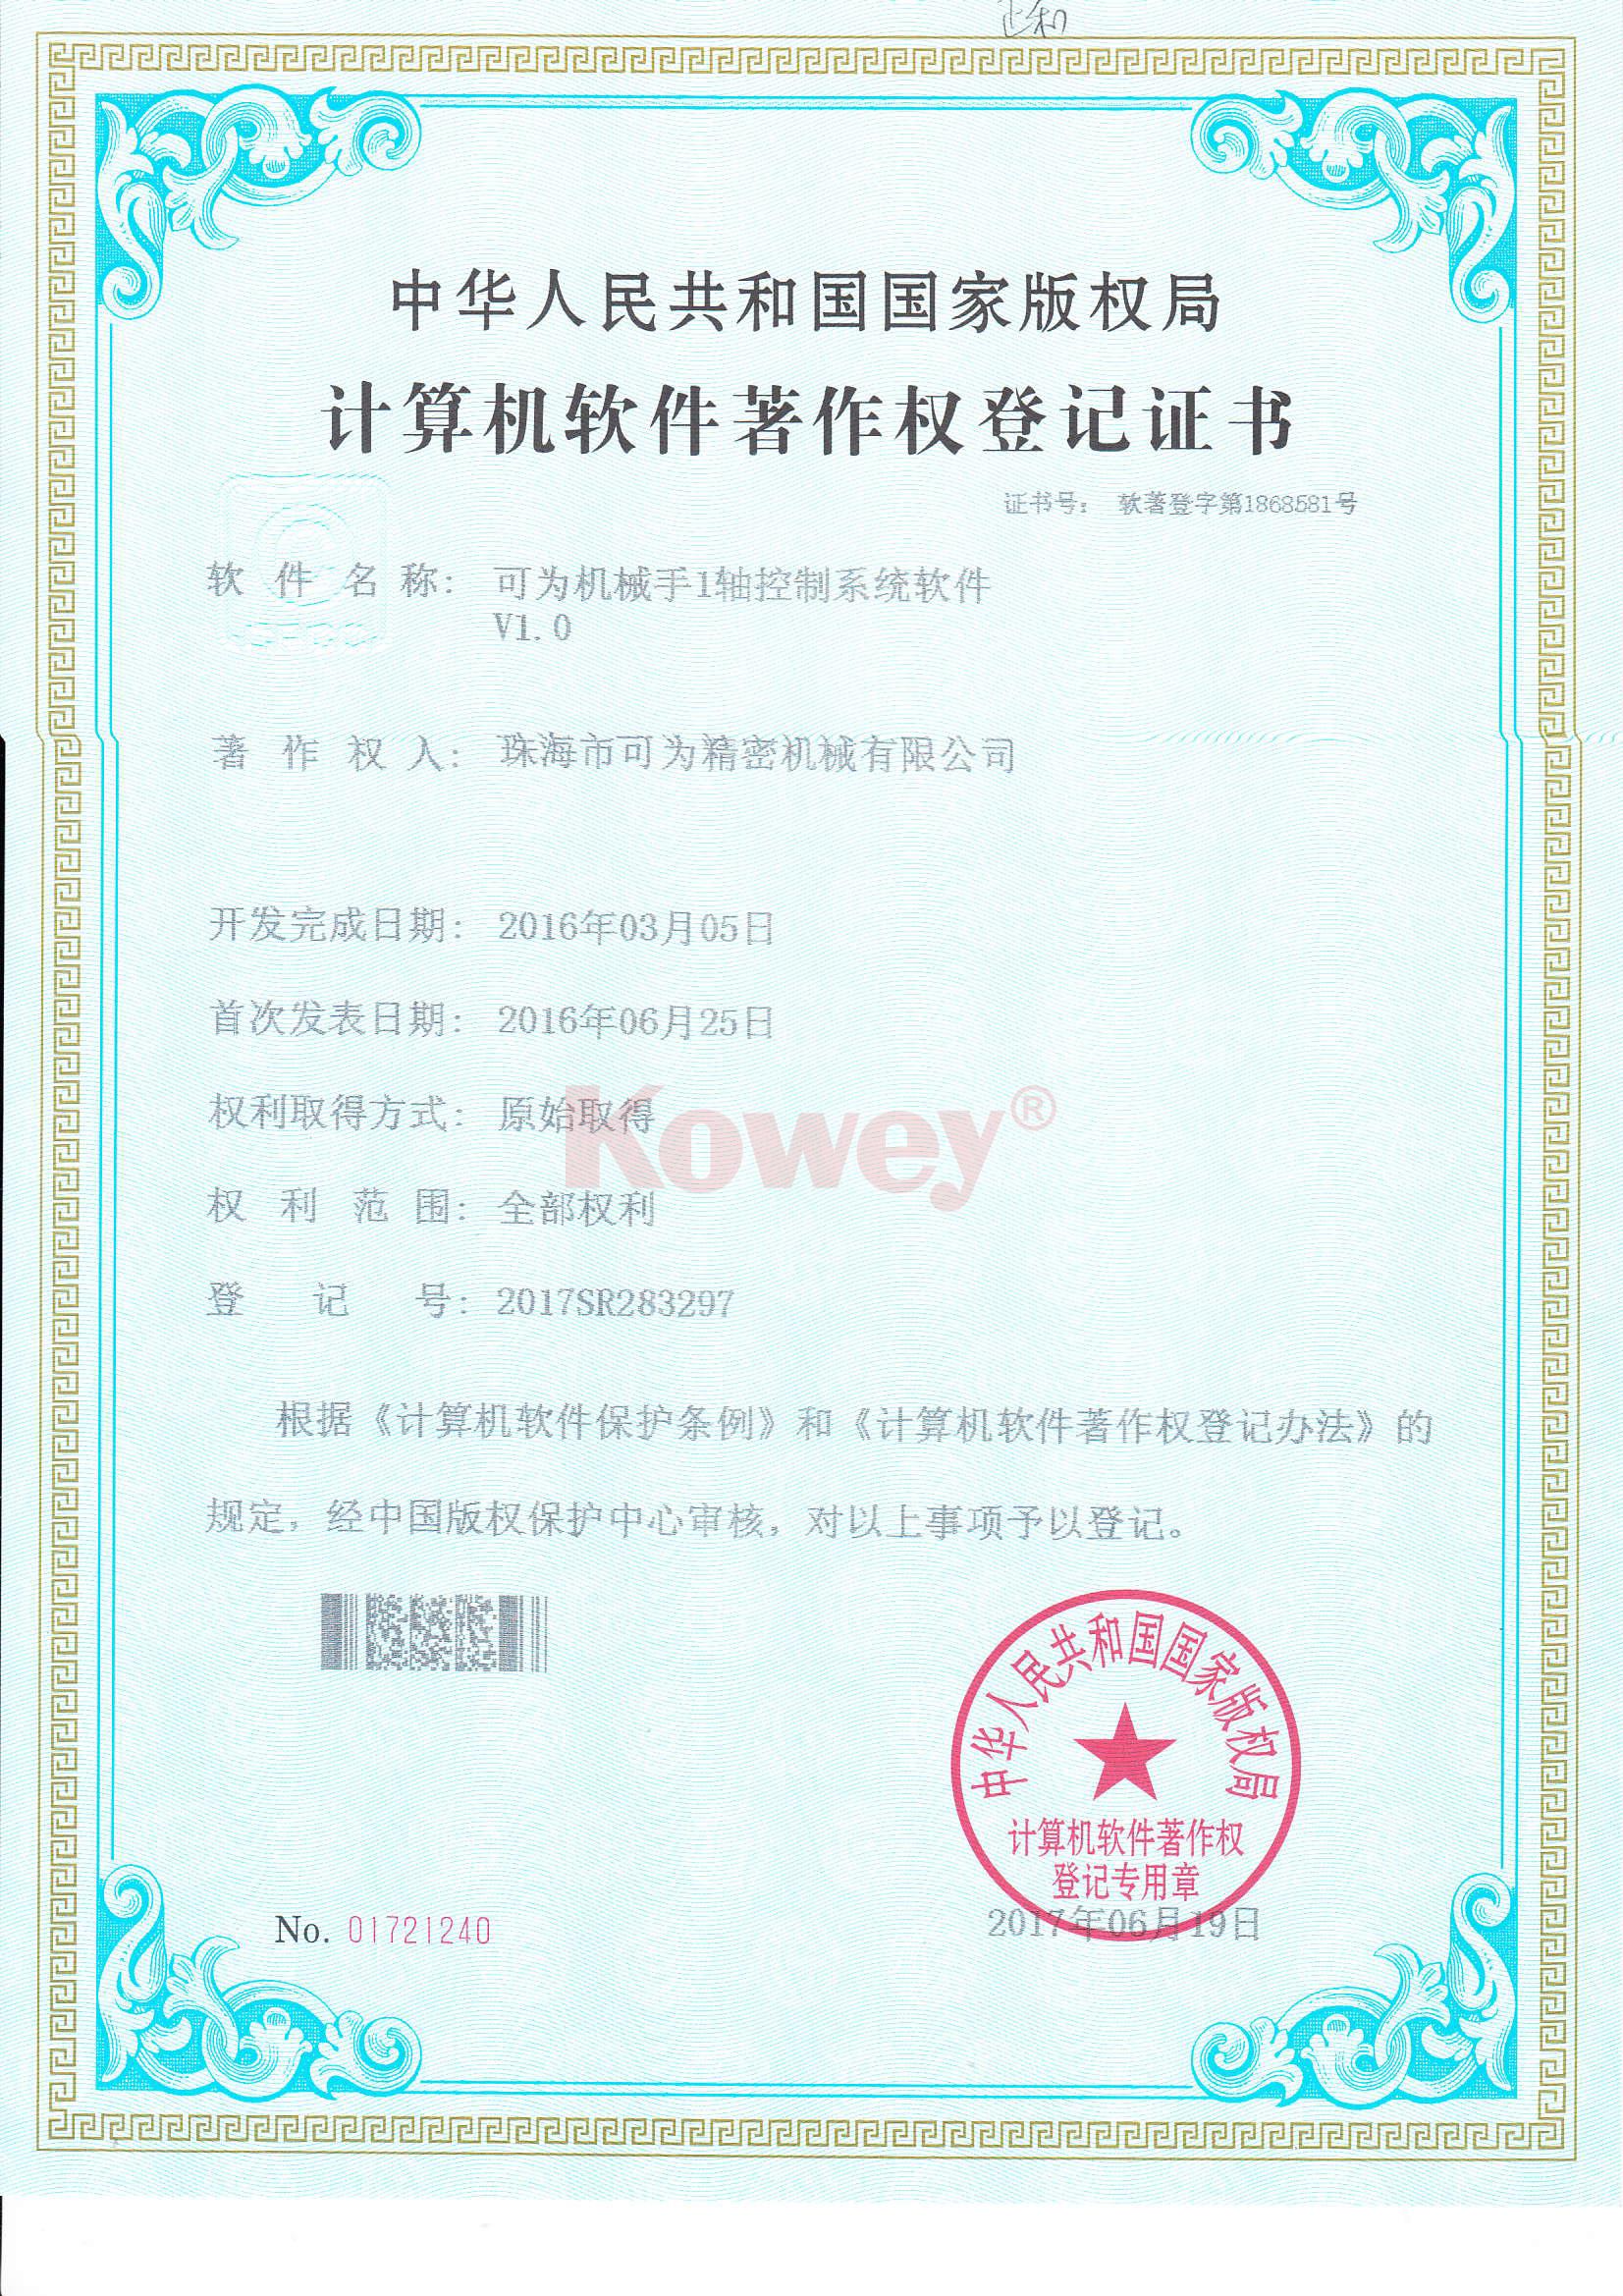 软件著作权证书-可为机械手1轴数控系统软件